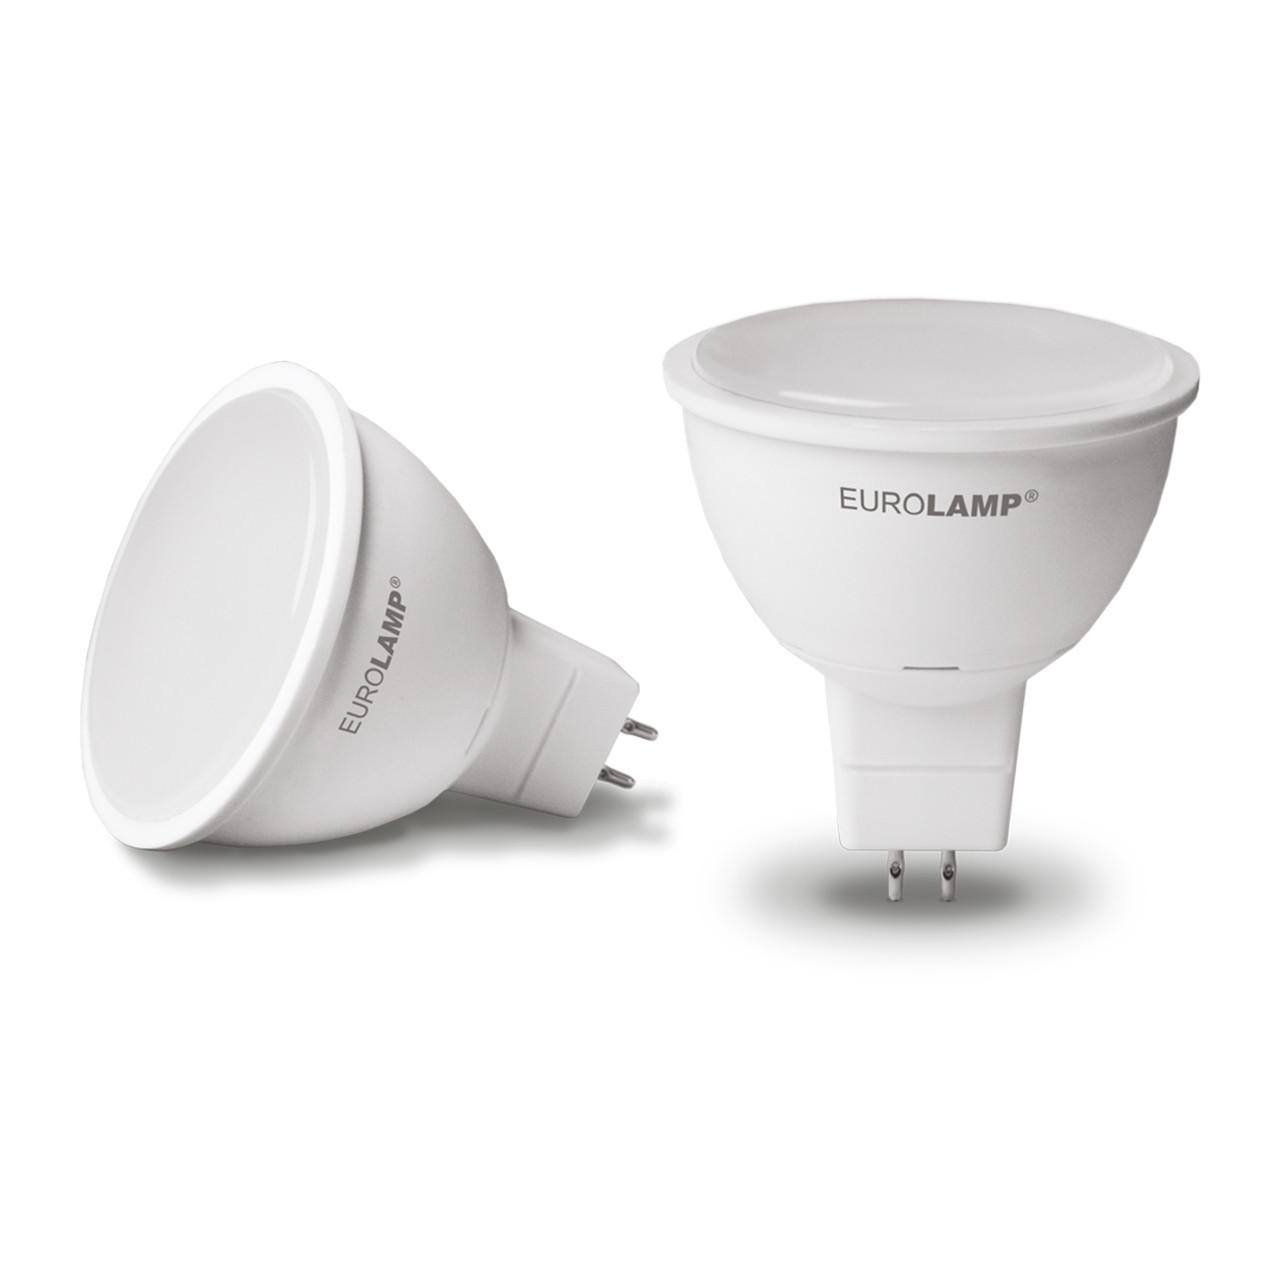 EUROLAMP LED Лампа ЕКО MR16 5W 12V GU5.3 4000K, фото 1